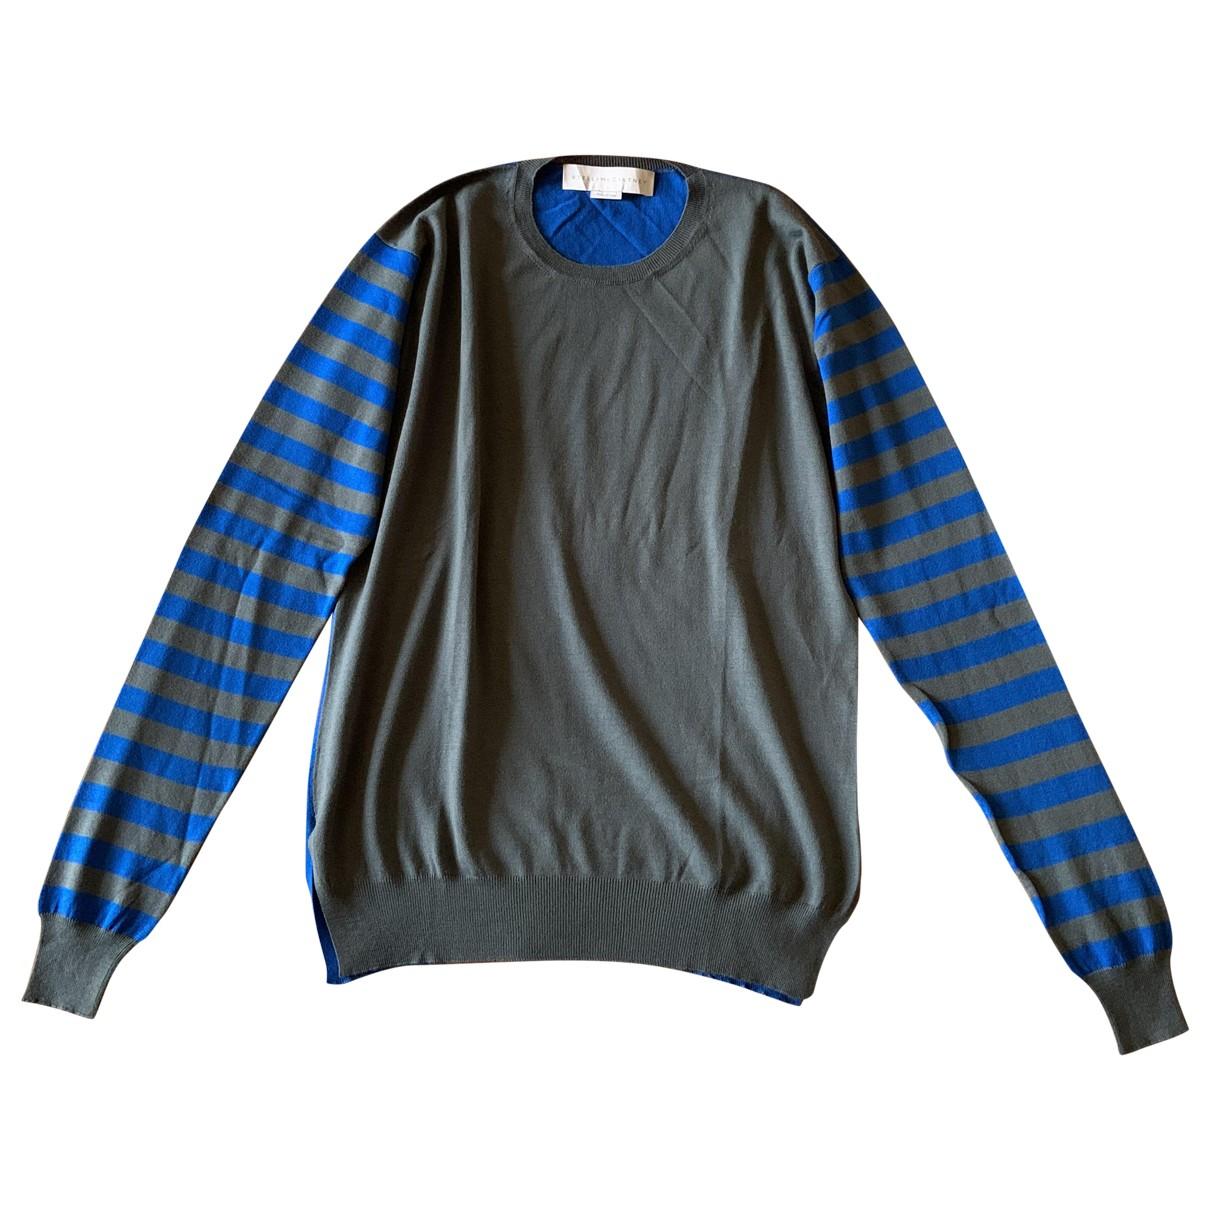 Stella Mccartney N Multicolour Wool Knitwear for Women M International